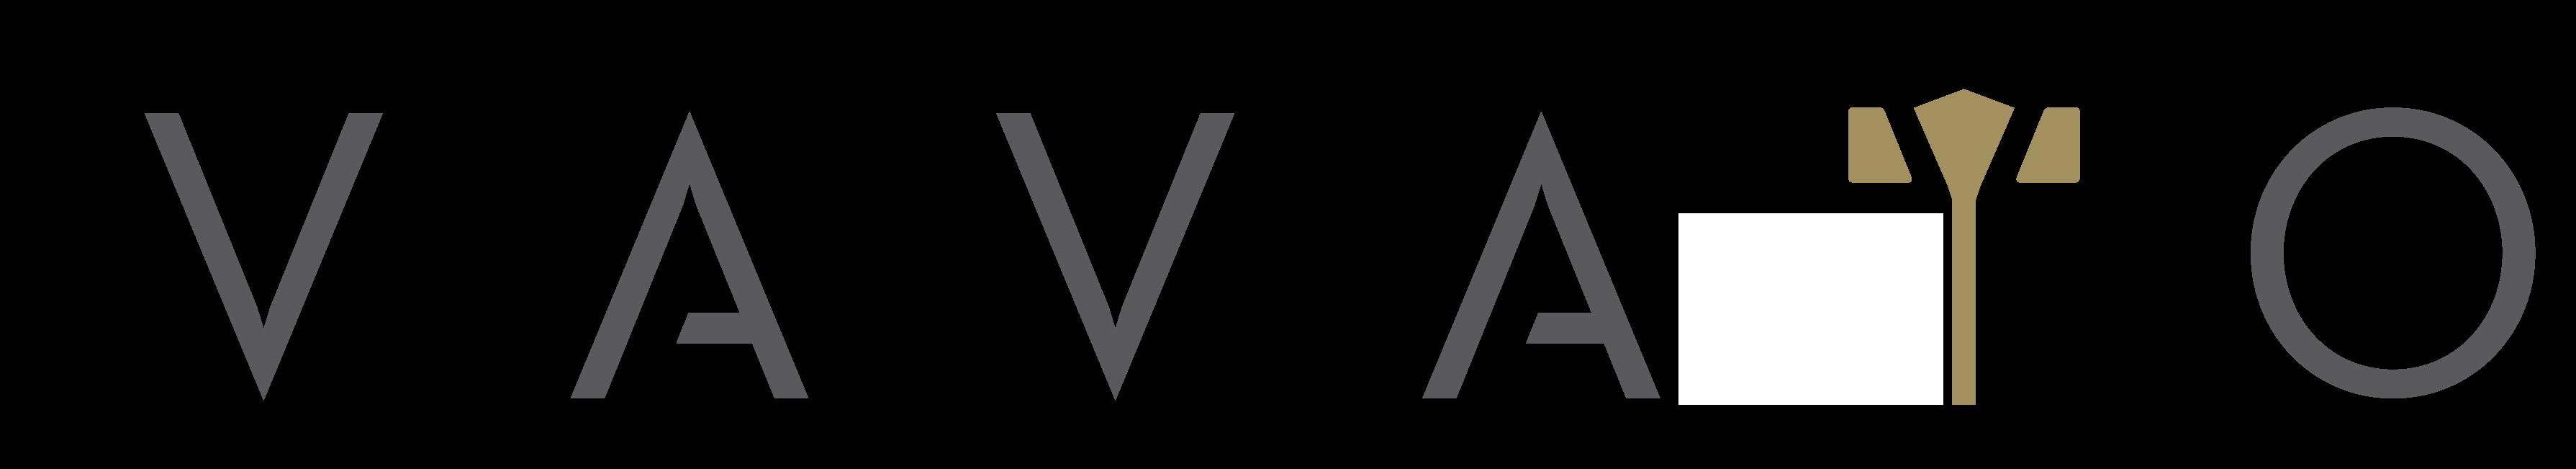 Vavato online veilingen blog